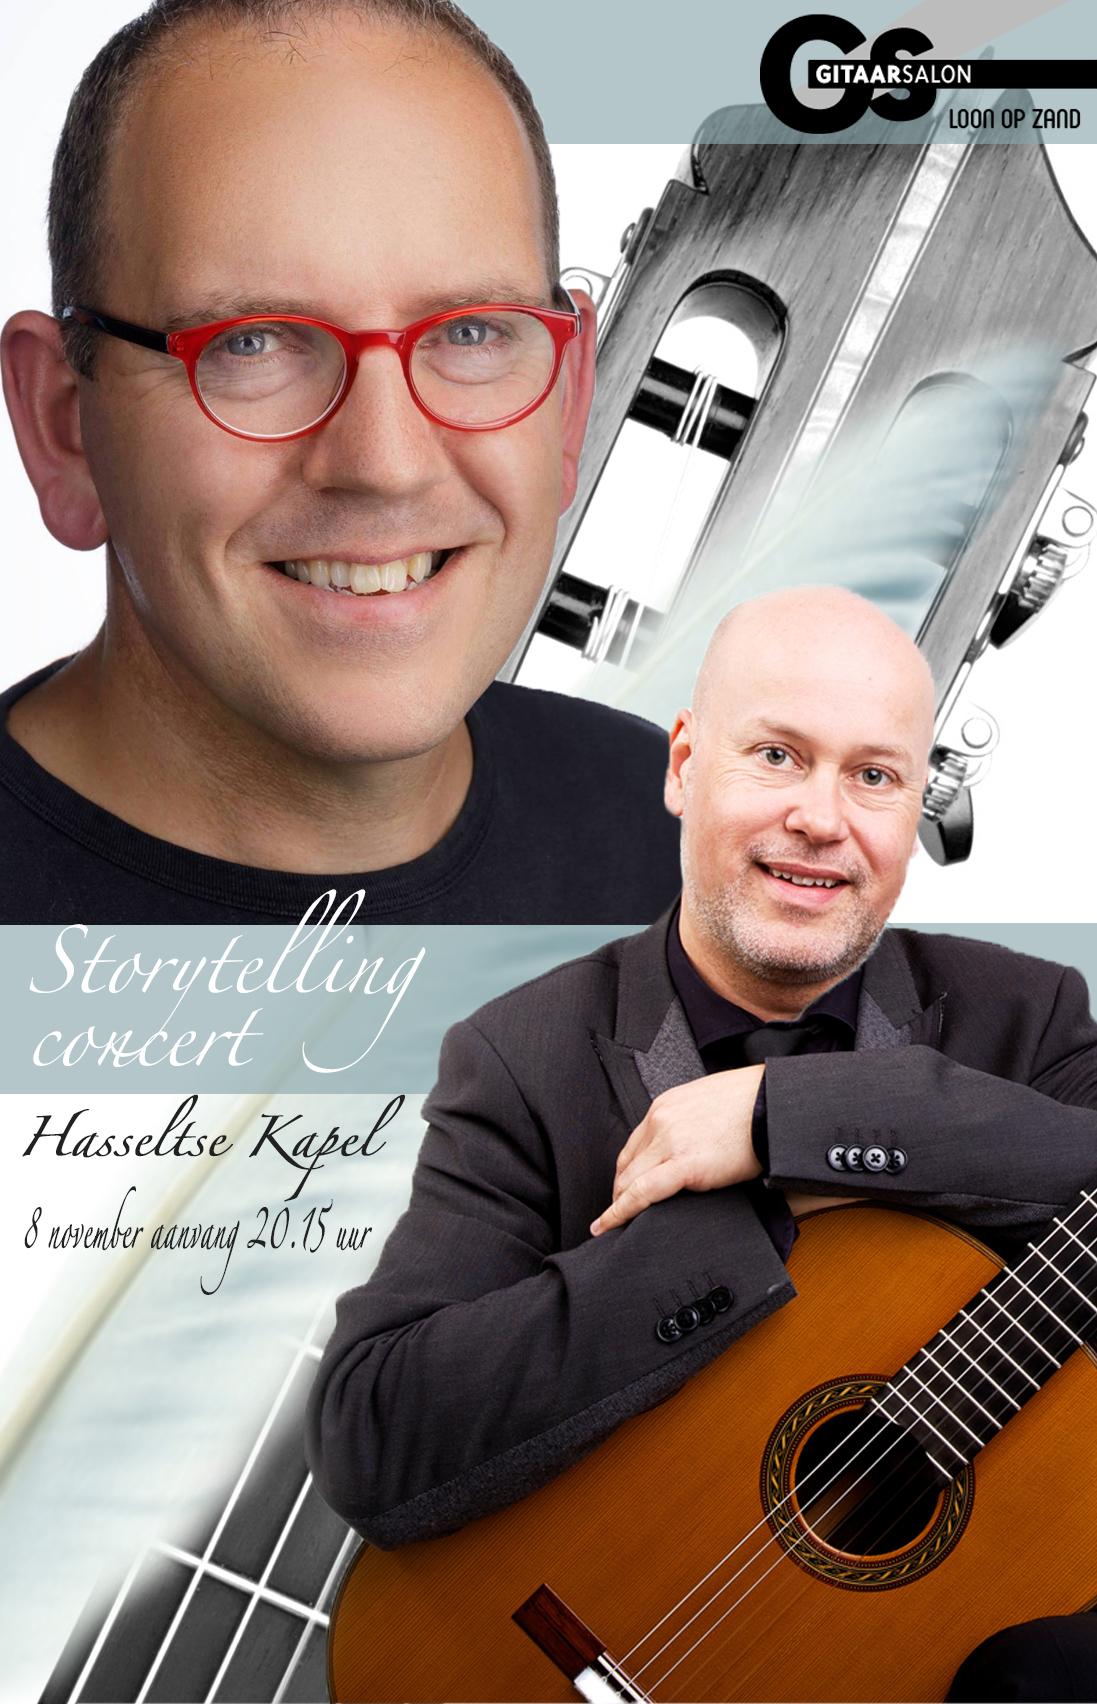 Storytelling concert @ Hasseltse kapel | Tilburg | Noord-Brabant | Nederland